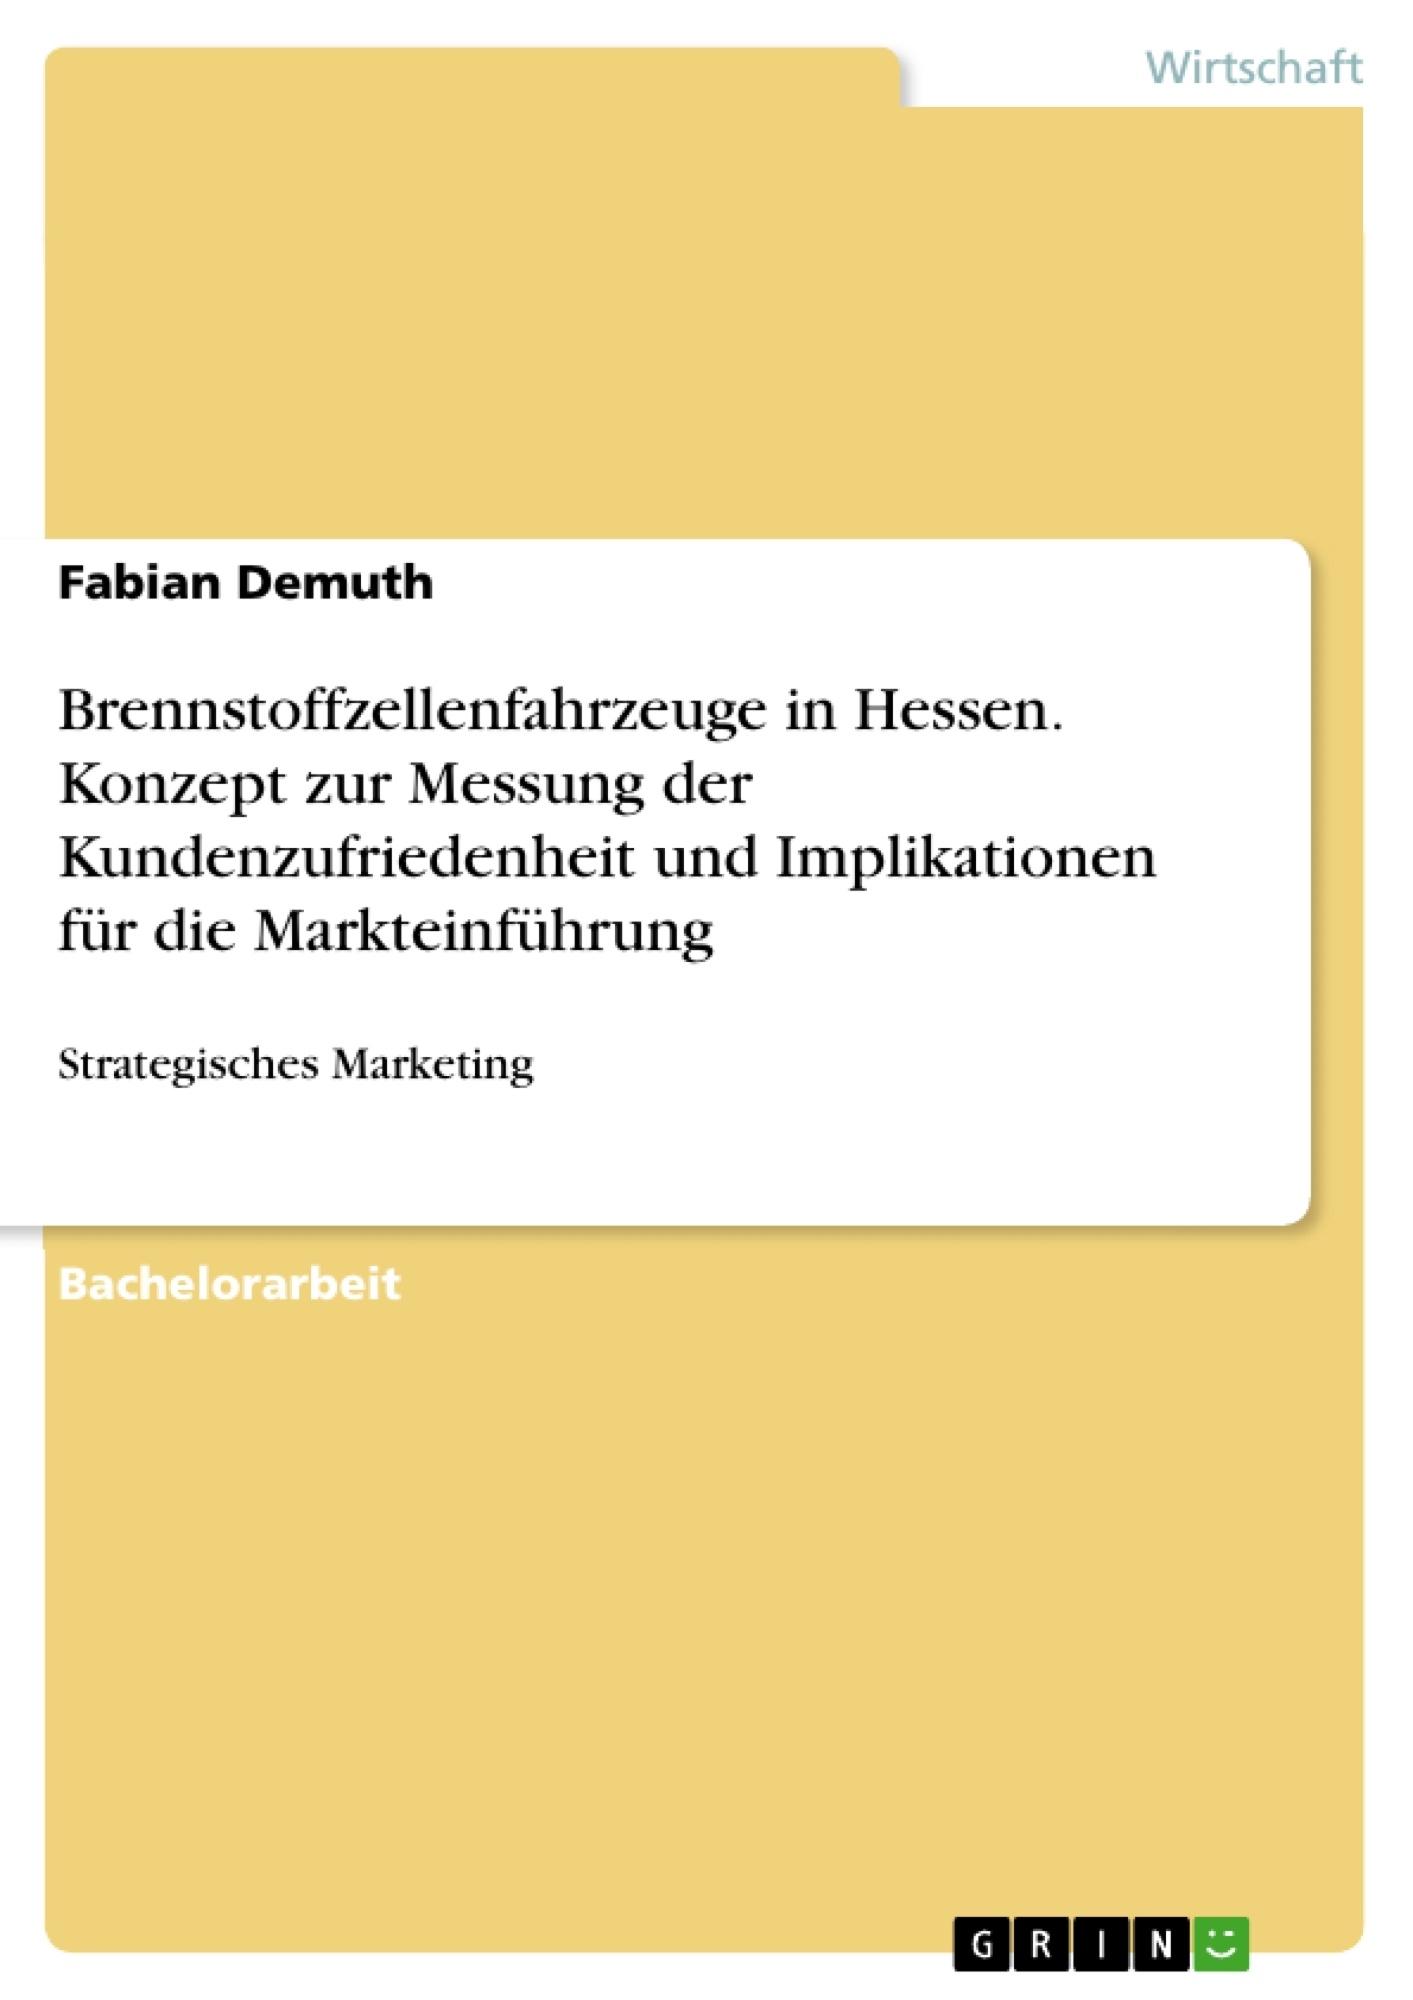 Titel: Brennstoffzellenfahrzeuge in Hessen. Konzept zur Messung der Kundenzufriedenheit und Implikationen für die Markteinführung